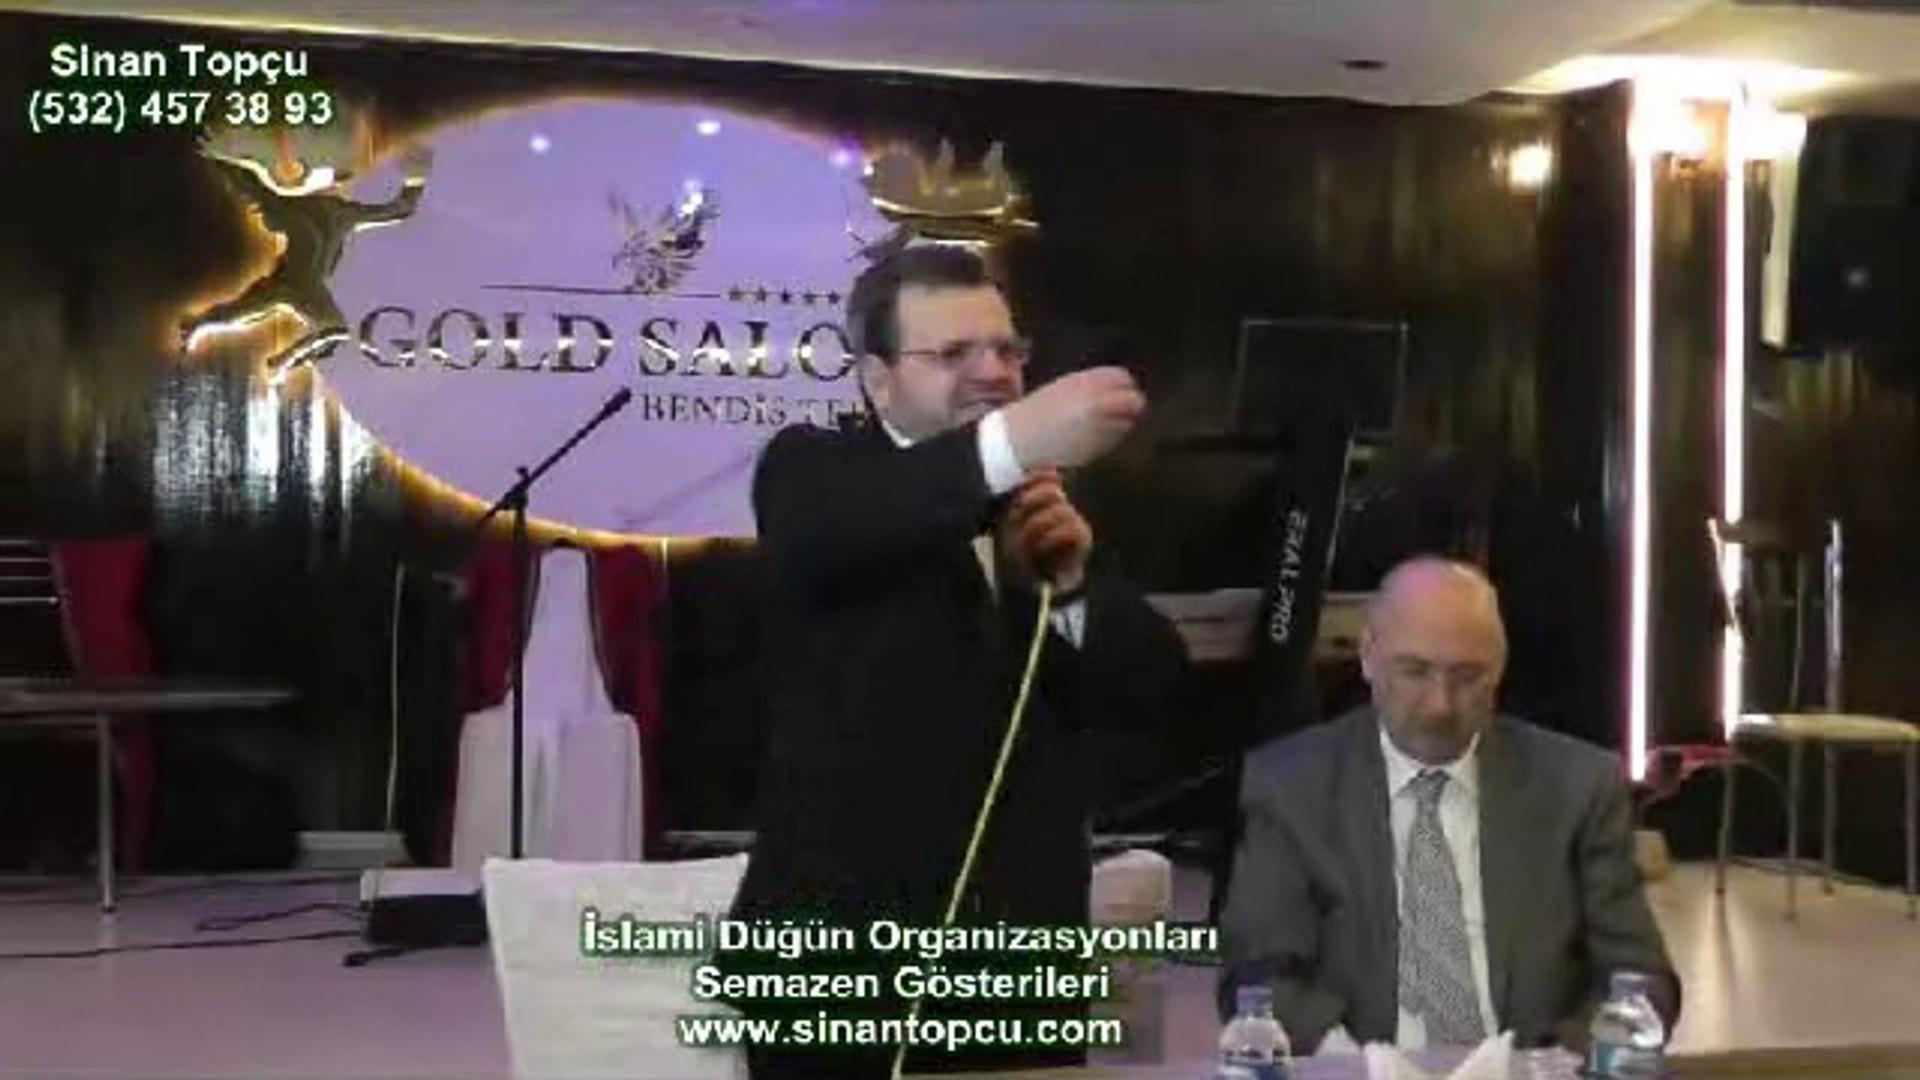 islami nişan töreni konuşması ve  islami nişan sohbeti ile nişan töreni konuşması video